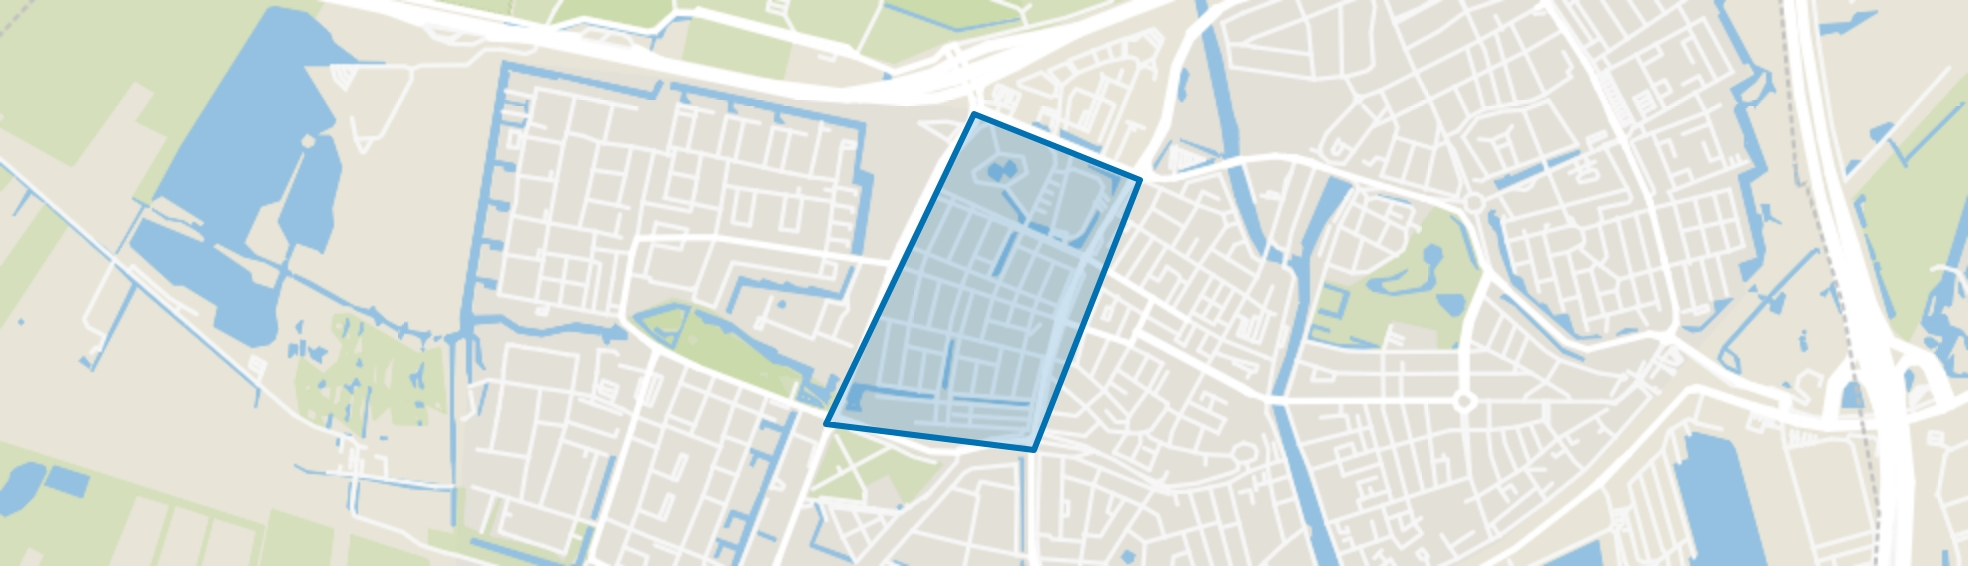 Indische Buurt, Vlaardingen map